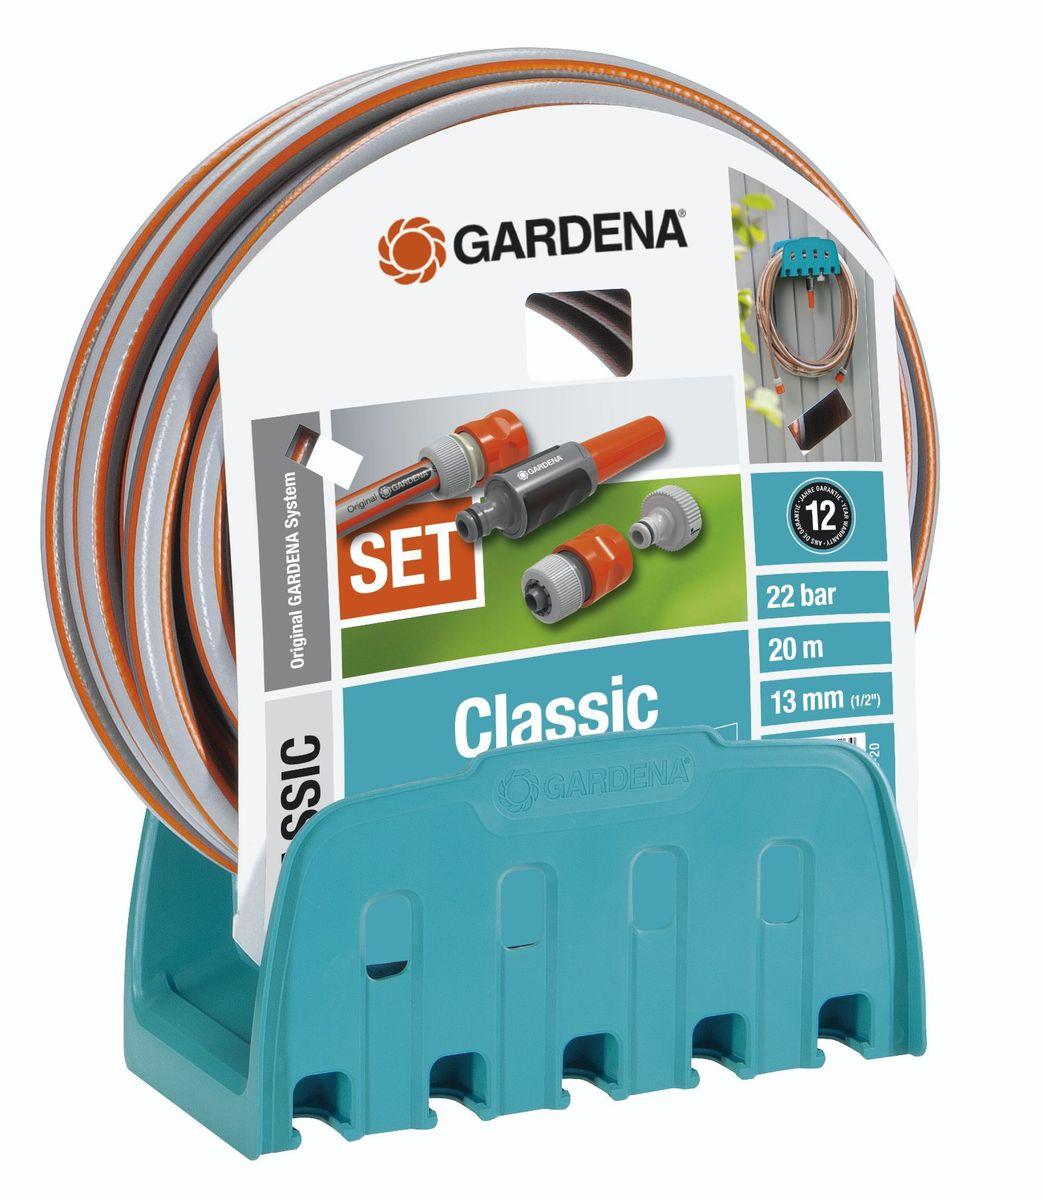 Кронштейн настенный Gardena Classic со шлангом шланг raco classic 3 4x25m 40306 3 4 25